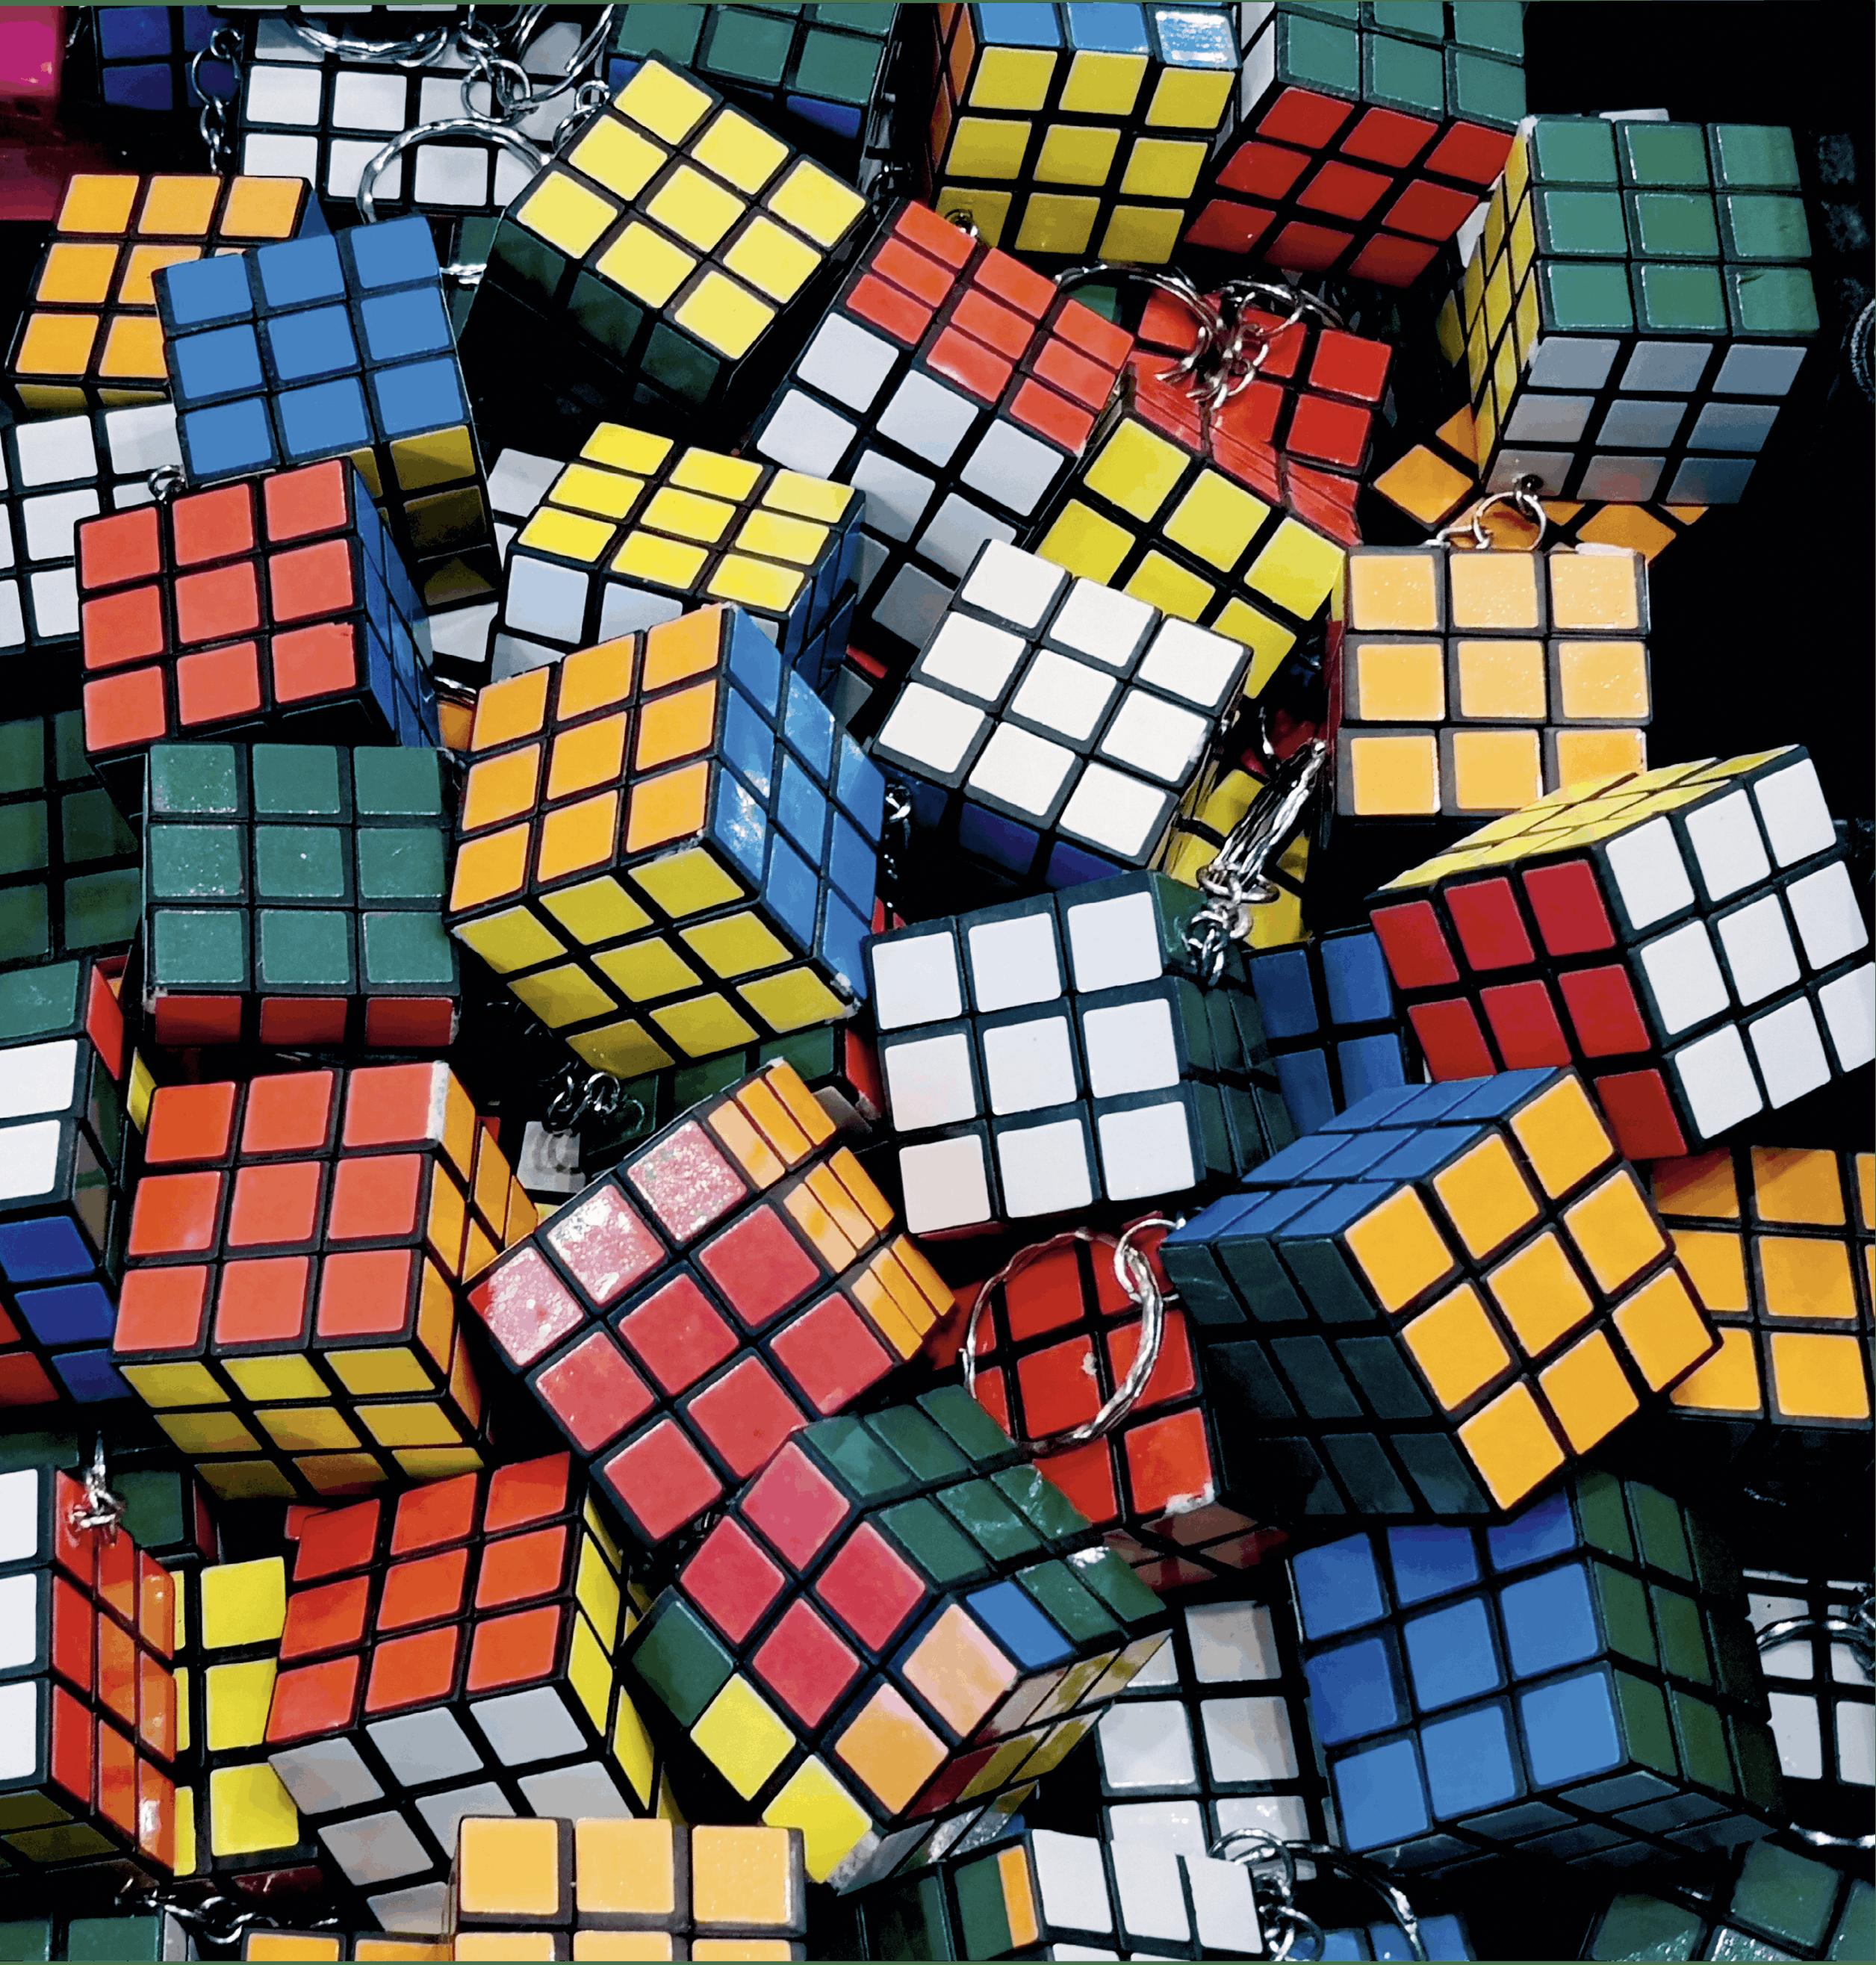 Combinatoire et dénombrement - Ouverture - rubikscube